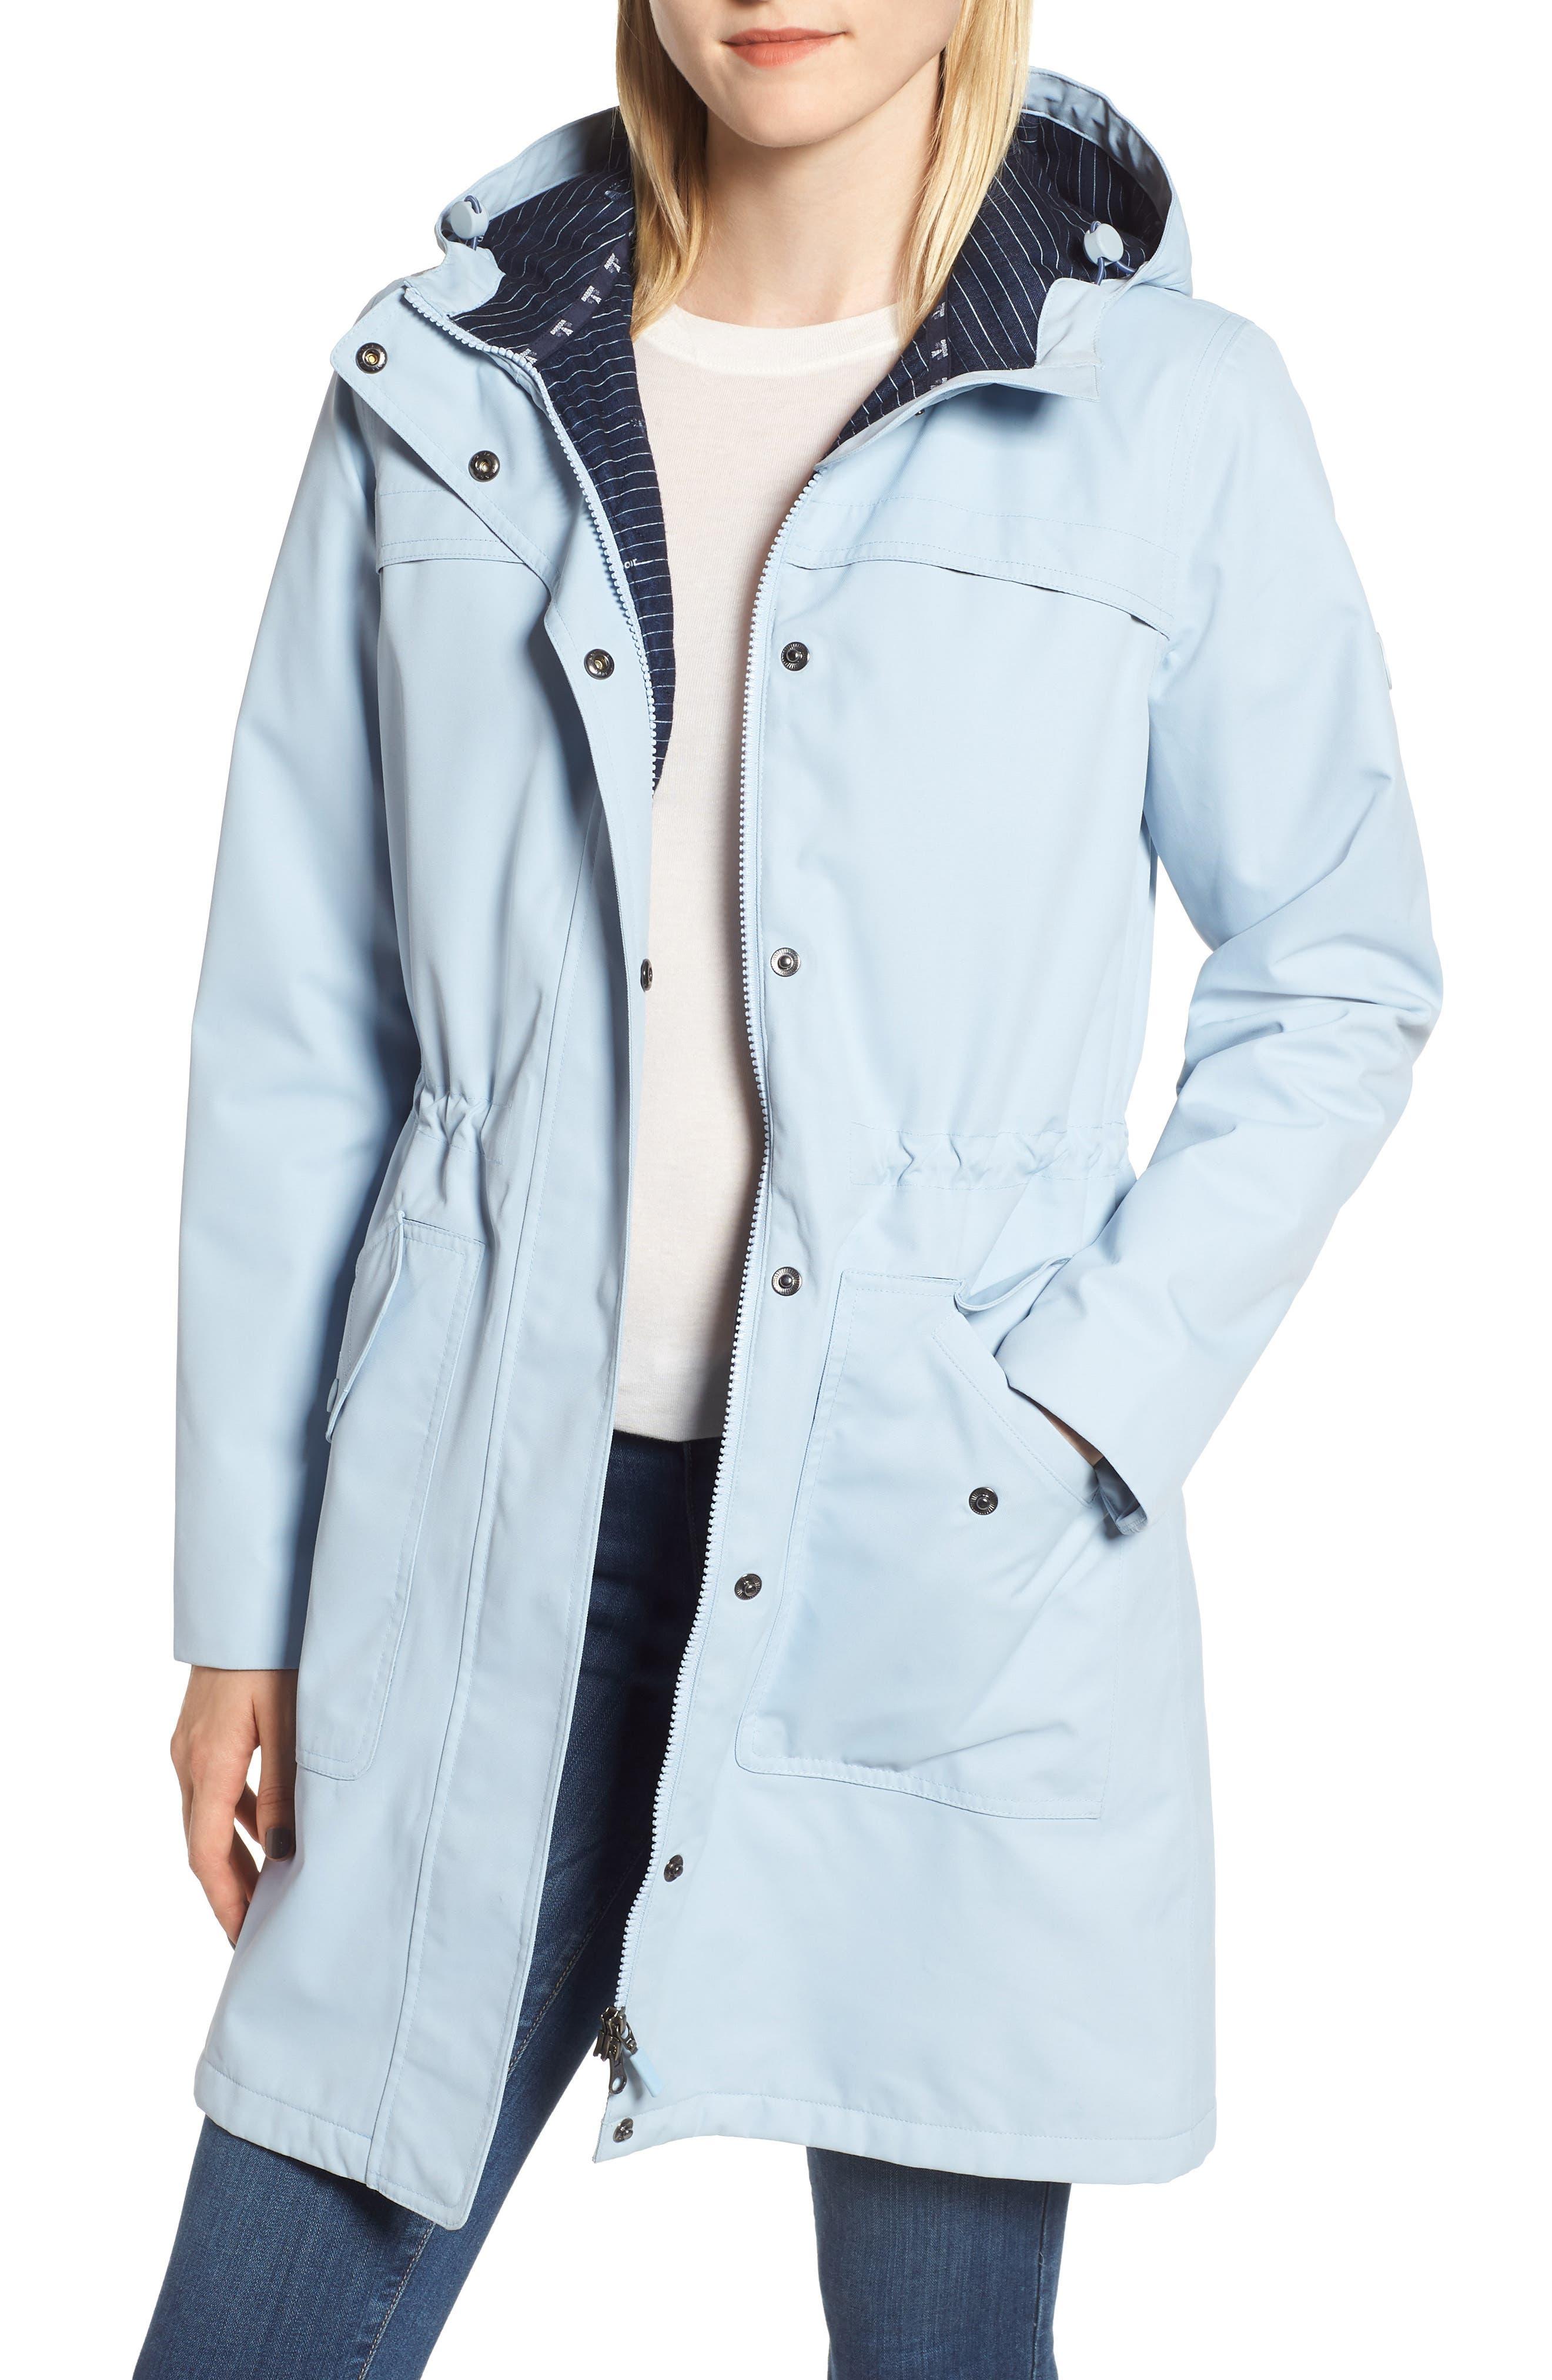 Barbour Seafield Waterproof Breathable Jacket, US / 8 UK - Blue